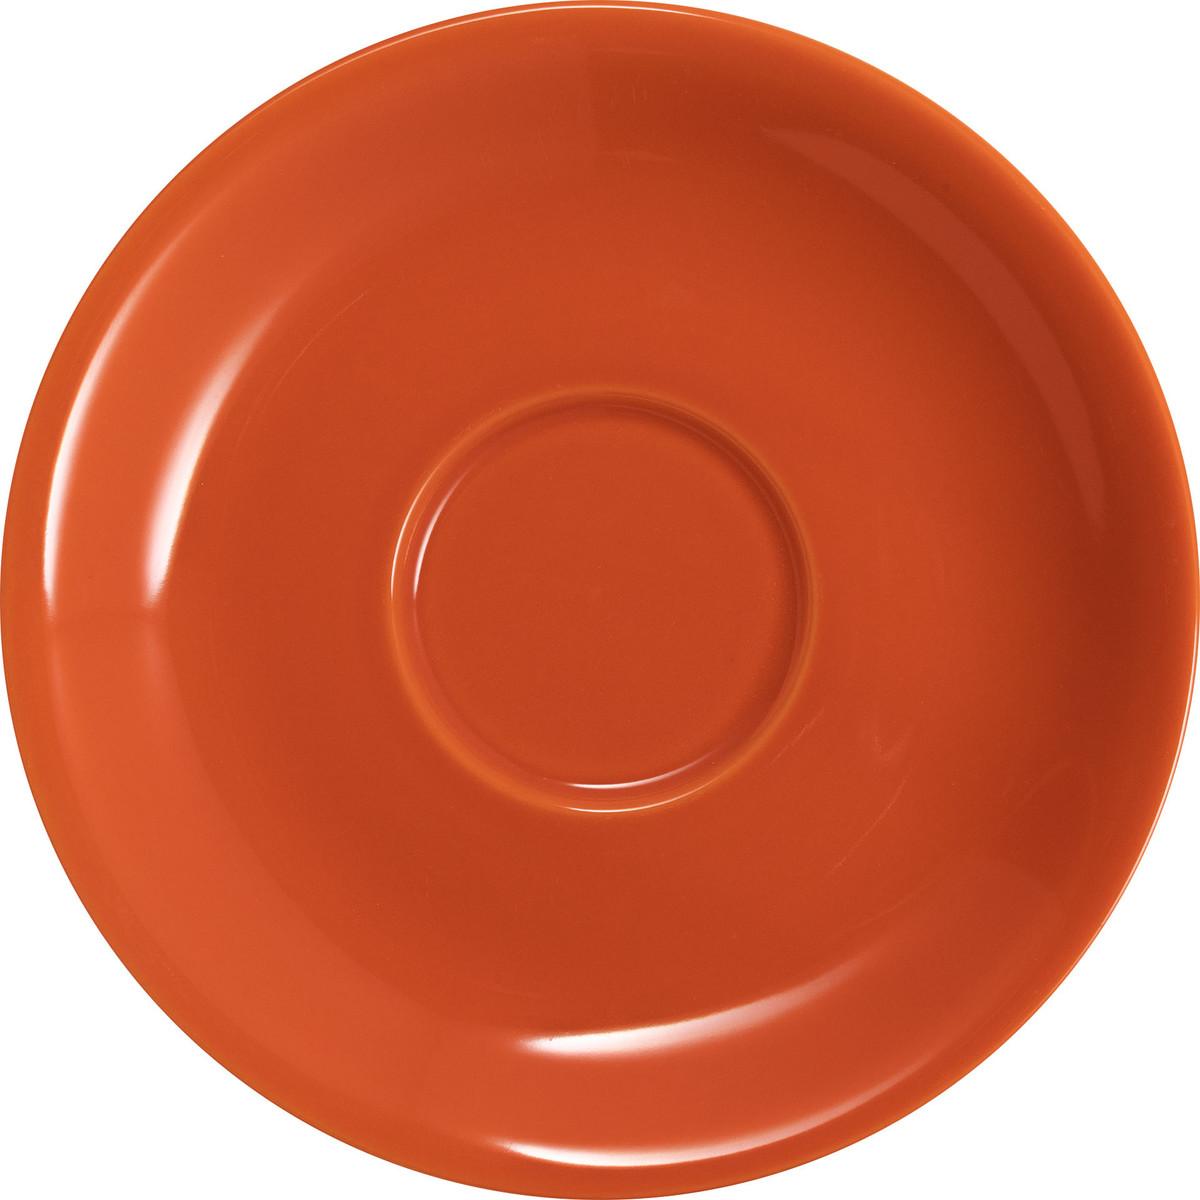 Espressotasse untere orange